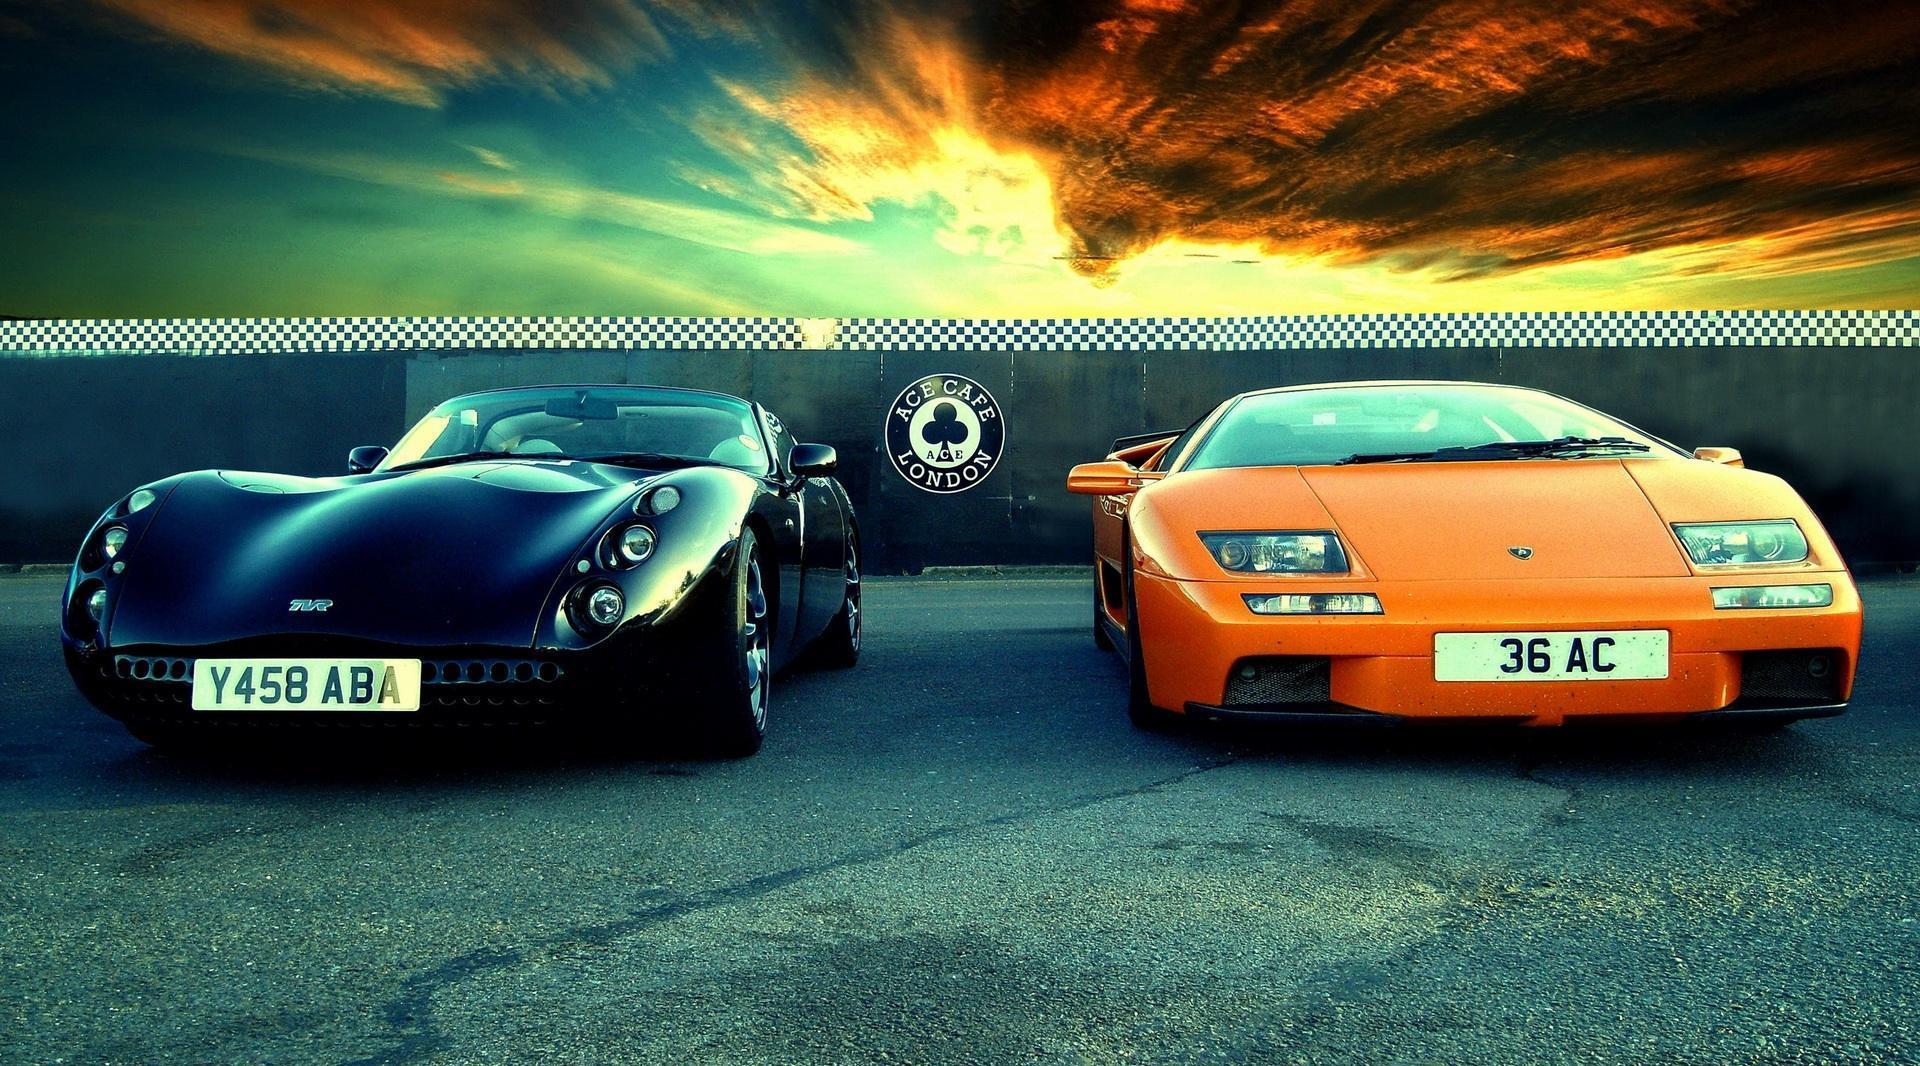 电气设备是汽车的重要组成部分,保证车辆在行驶中的可靠舒适